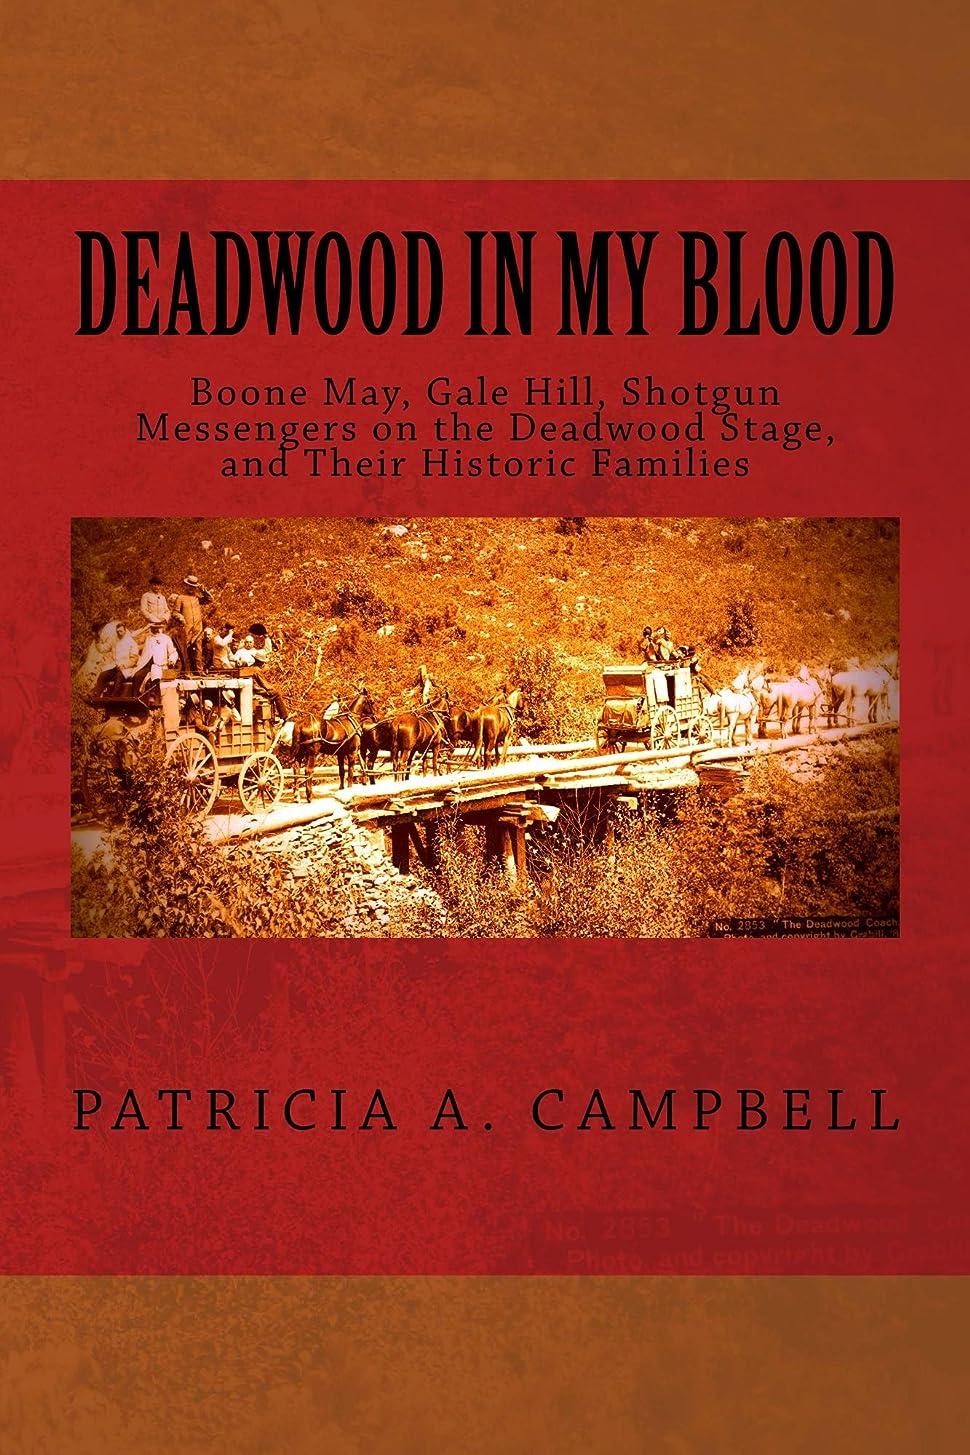 アイドルメトロポリタンベッドDeadwood In My Blood: Boone May, Gale Hill, Shotgun Messengers on the Deadwood Stage, and Their Historic Families (Volume 1) (English Edition)